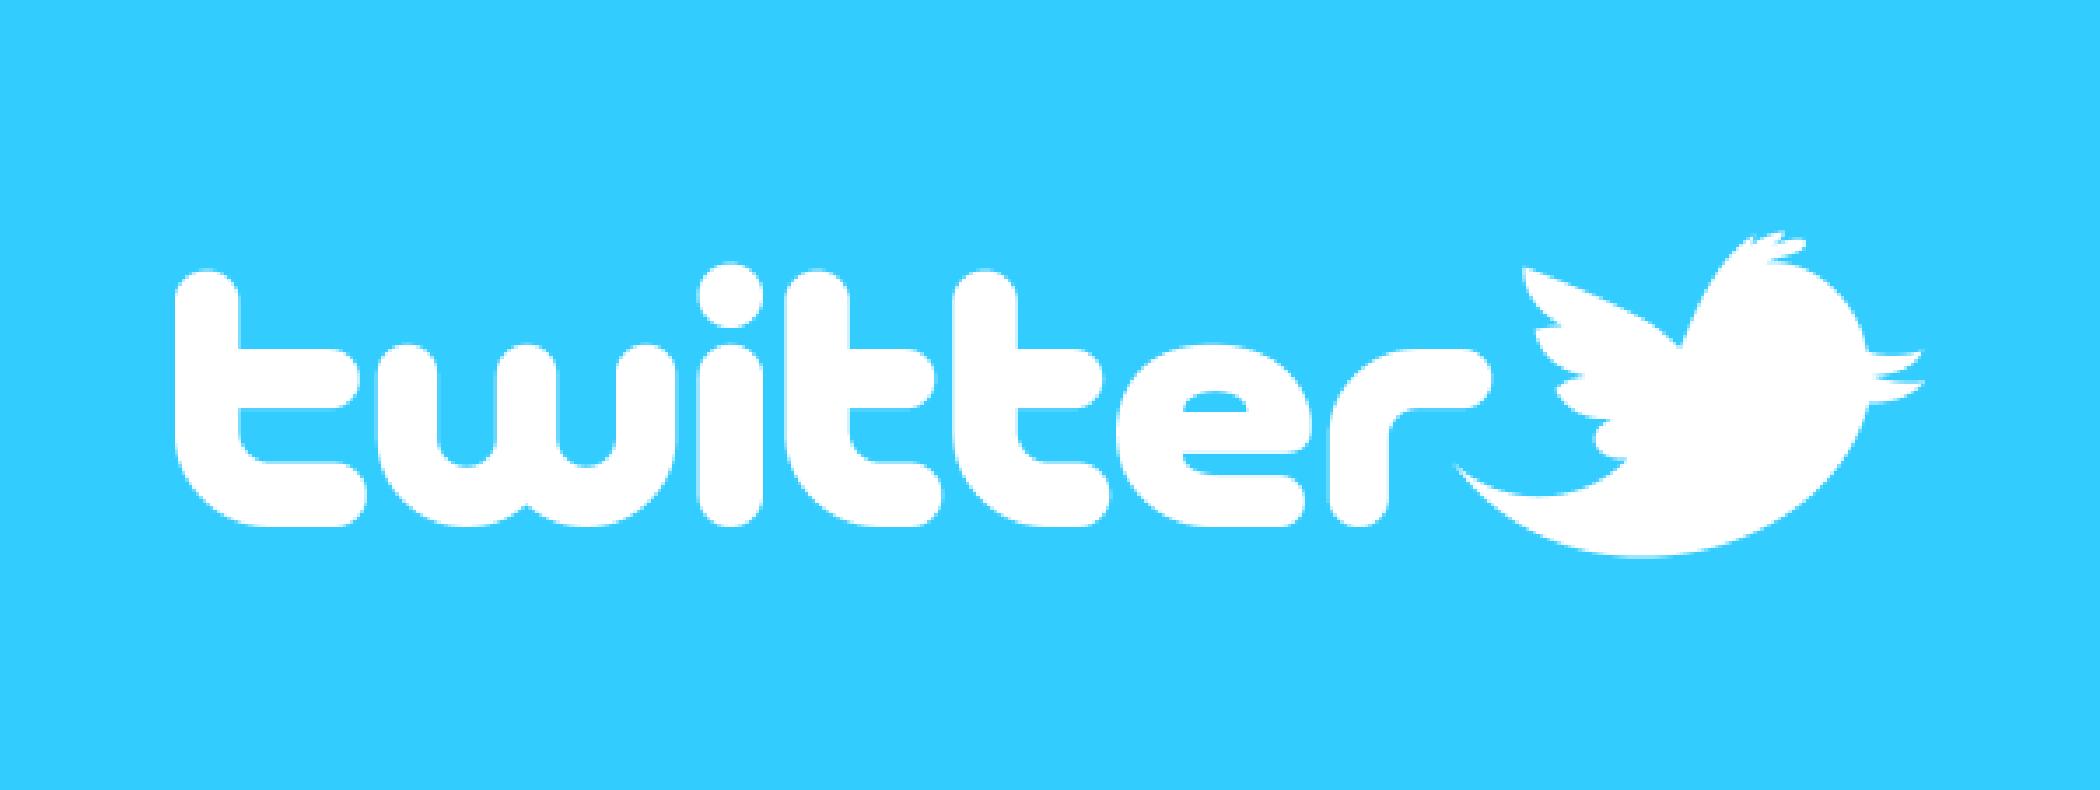 Comprar Twitter acciones